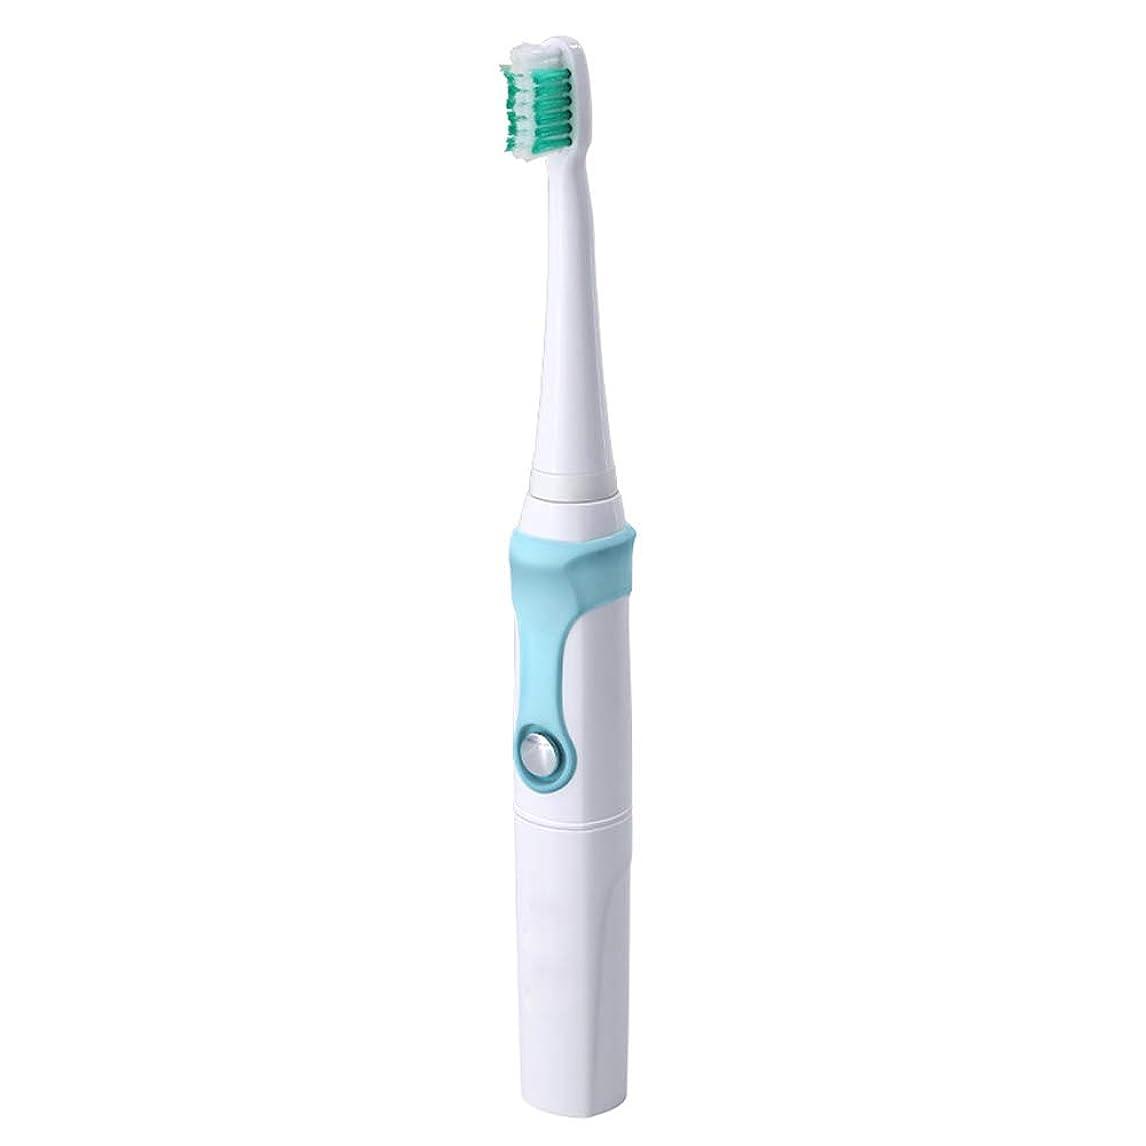 記念品期待角度電動歯ブラシ洗浄超音波歯ブラシ防水精密ブラシヘッド旅行